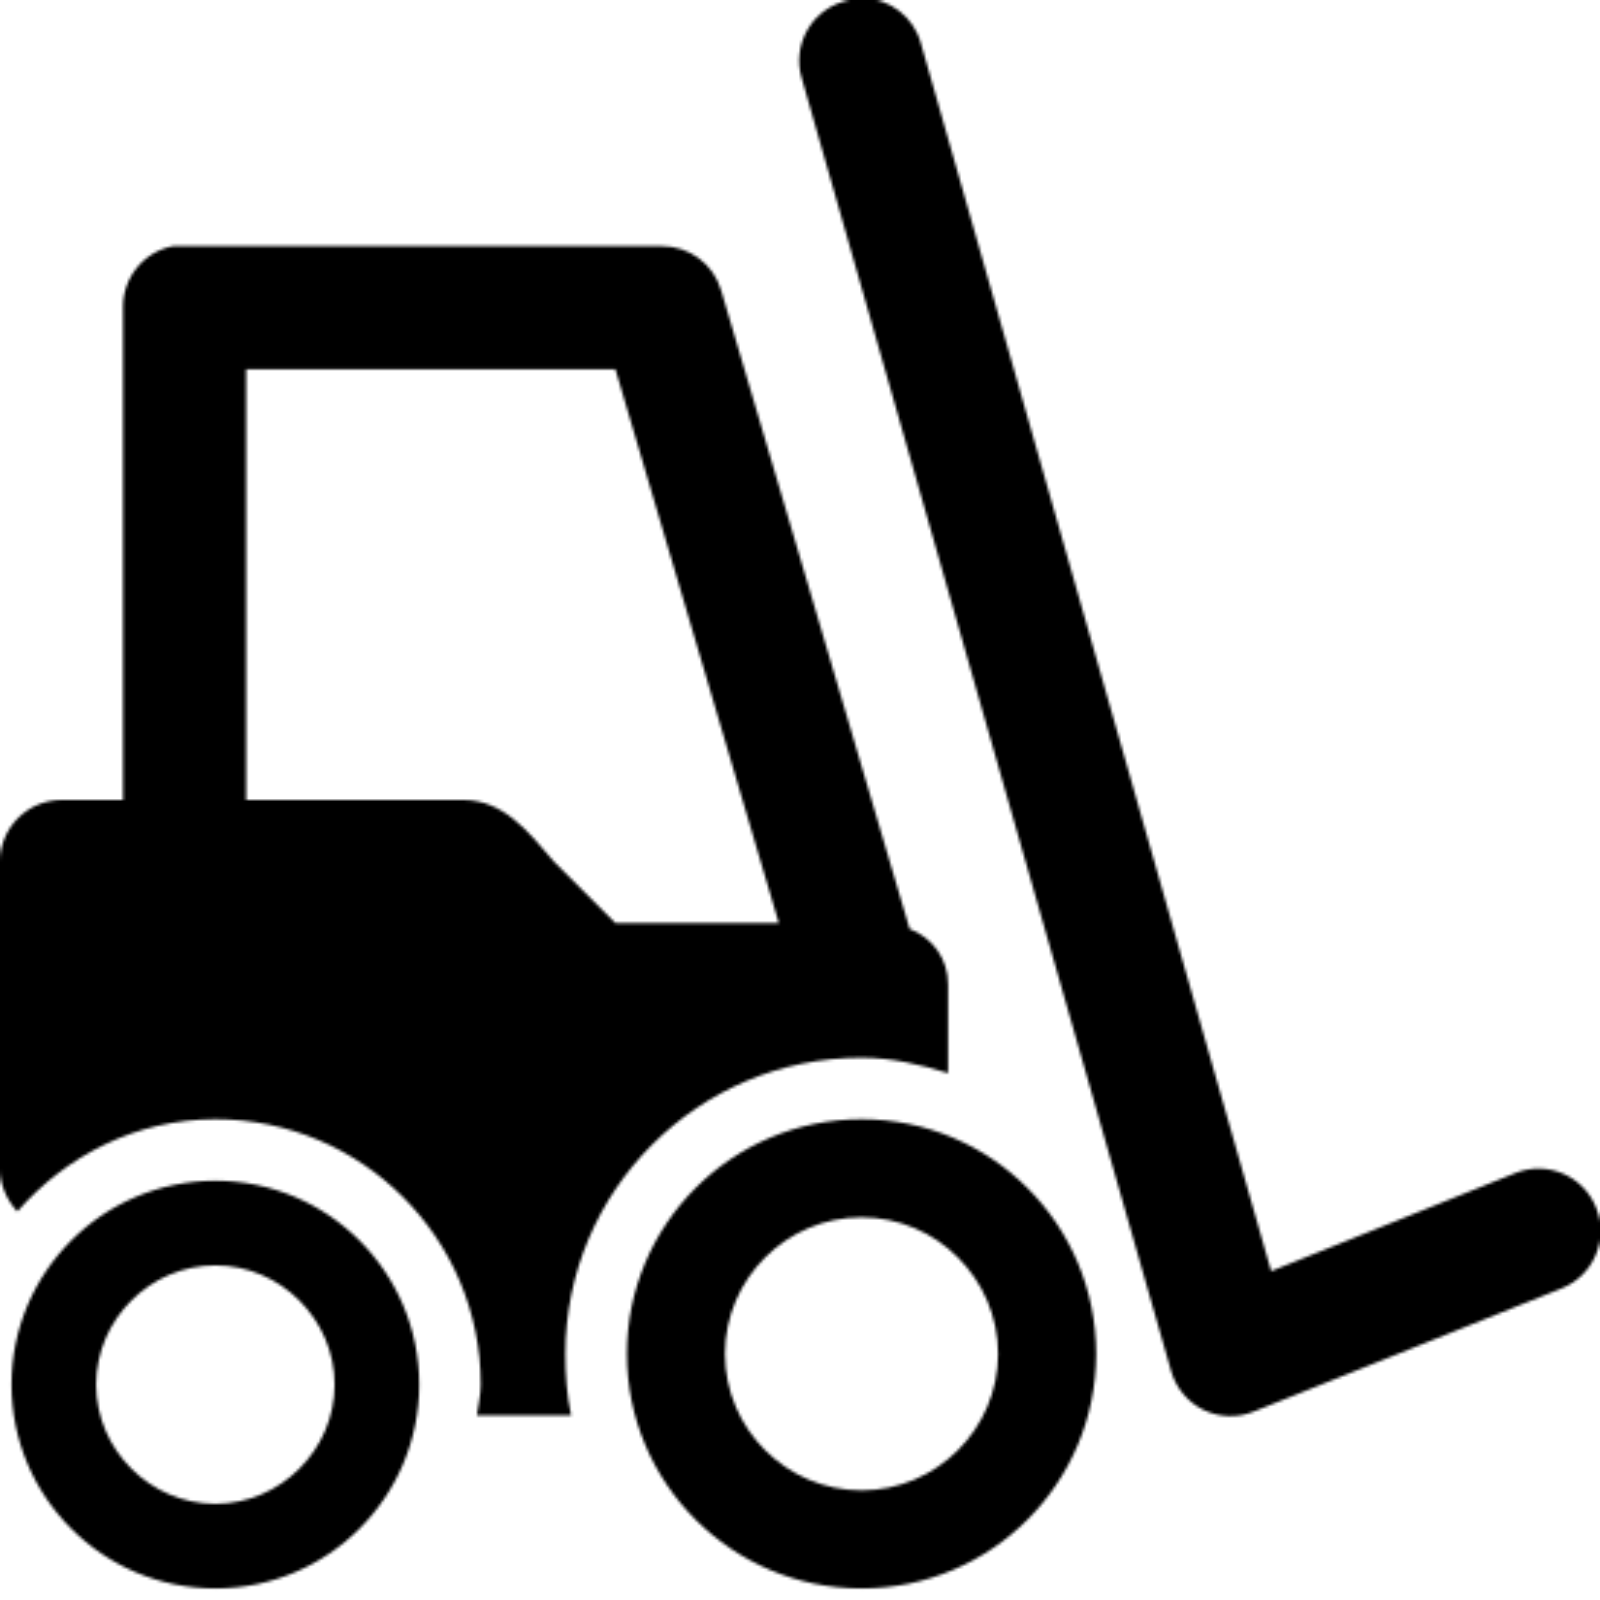 フォークリフト icon. This is a drawing of some sort of machinery that you would find at a construction site. It would be machinery that would be used to lift heavy equipment and there is a lift on the front.